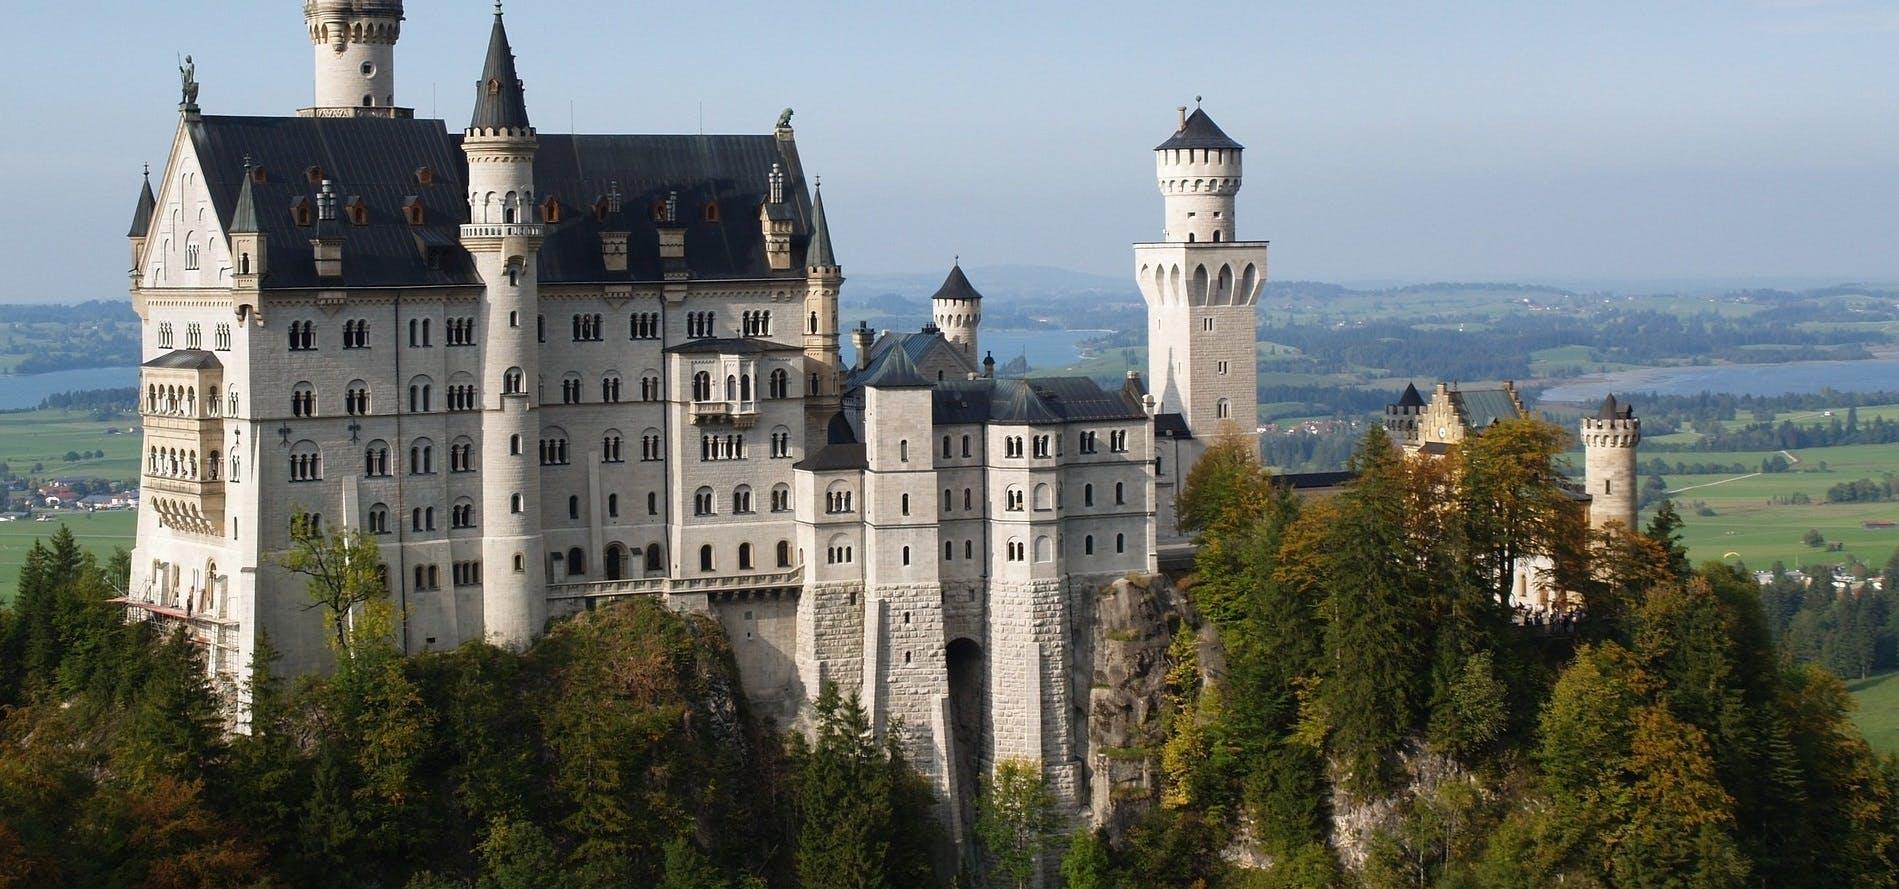 Ver la ciudad,Salir de la ciudad,Tours temáticos,Tours históricos y culturales,Excursiones de un día,Castillo de Neuschwanstein,Con visita a Linderhof,Tour por los Castillos